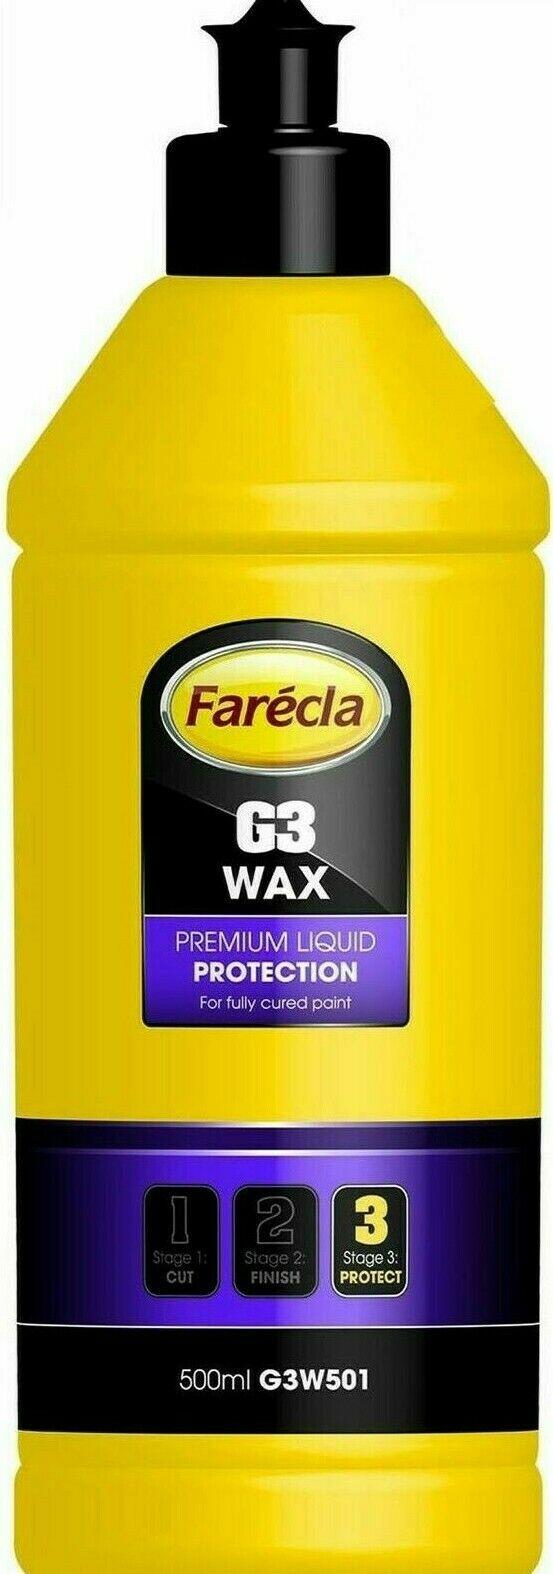 Farecla G3 WAX Premium Liquid Protection 500 ML G3W501